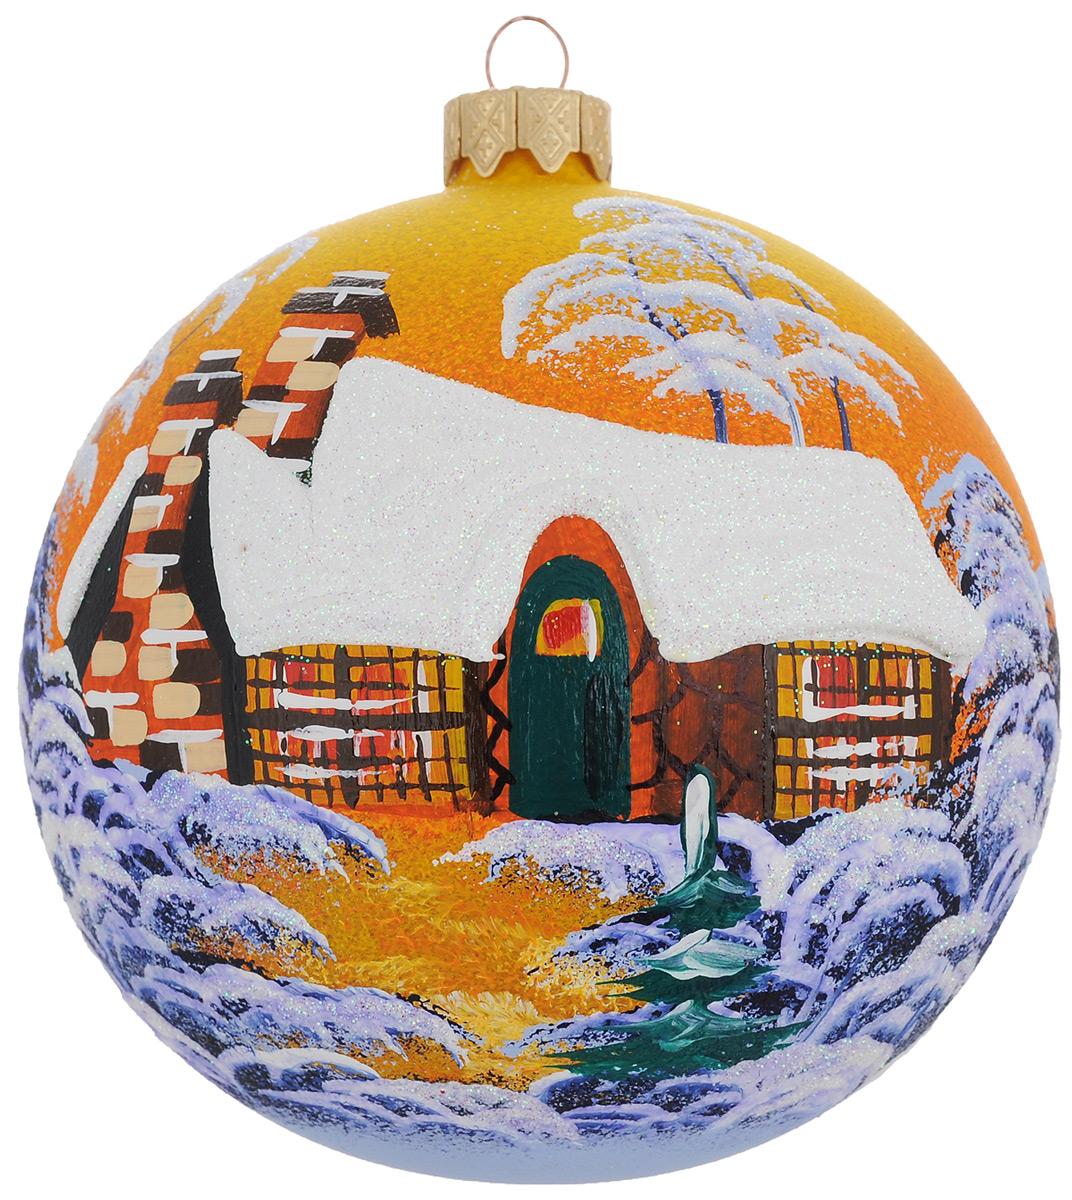 Новогоднее подвесное украшение Паланга янтарный закат, диаметр 10 см. Ручная росписьH-100-0001-S-Паланга янтарный закатНовогоднее украшение Паланга янтарный закат отлично подойдет для украшения вашего дома и новогодней ели. Игрушка выполнена из тонкого стекла в виде шара и декорирована изображением заснеженного домика в свете заходящего солнца. Украшение оснащено специальной металлической петелькой, в которую можно продеть нитку или ленту для подвешивания. Елочная игрушка - символ Нового года. Она несет в себе волшебство и красоту праздника. Создайте в своем доме атмосферу веселья и радости, украшая всей семьей новогоднюю елку нарядными игрушками, которые будут из года в год накапливать теплоту воспоминаний.